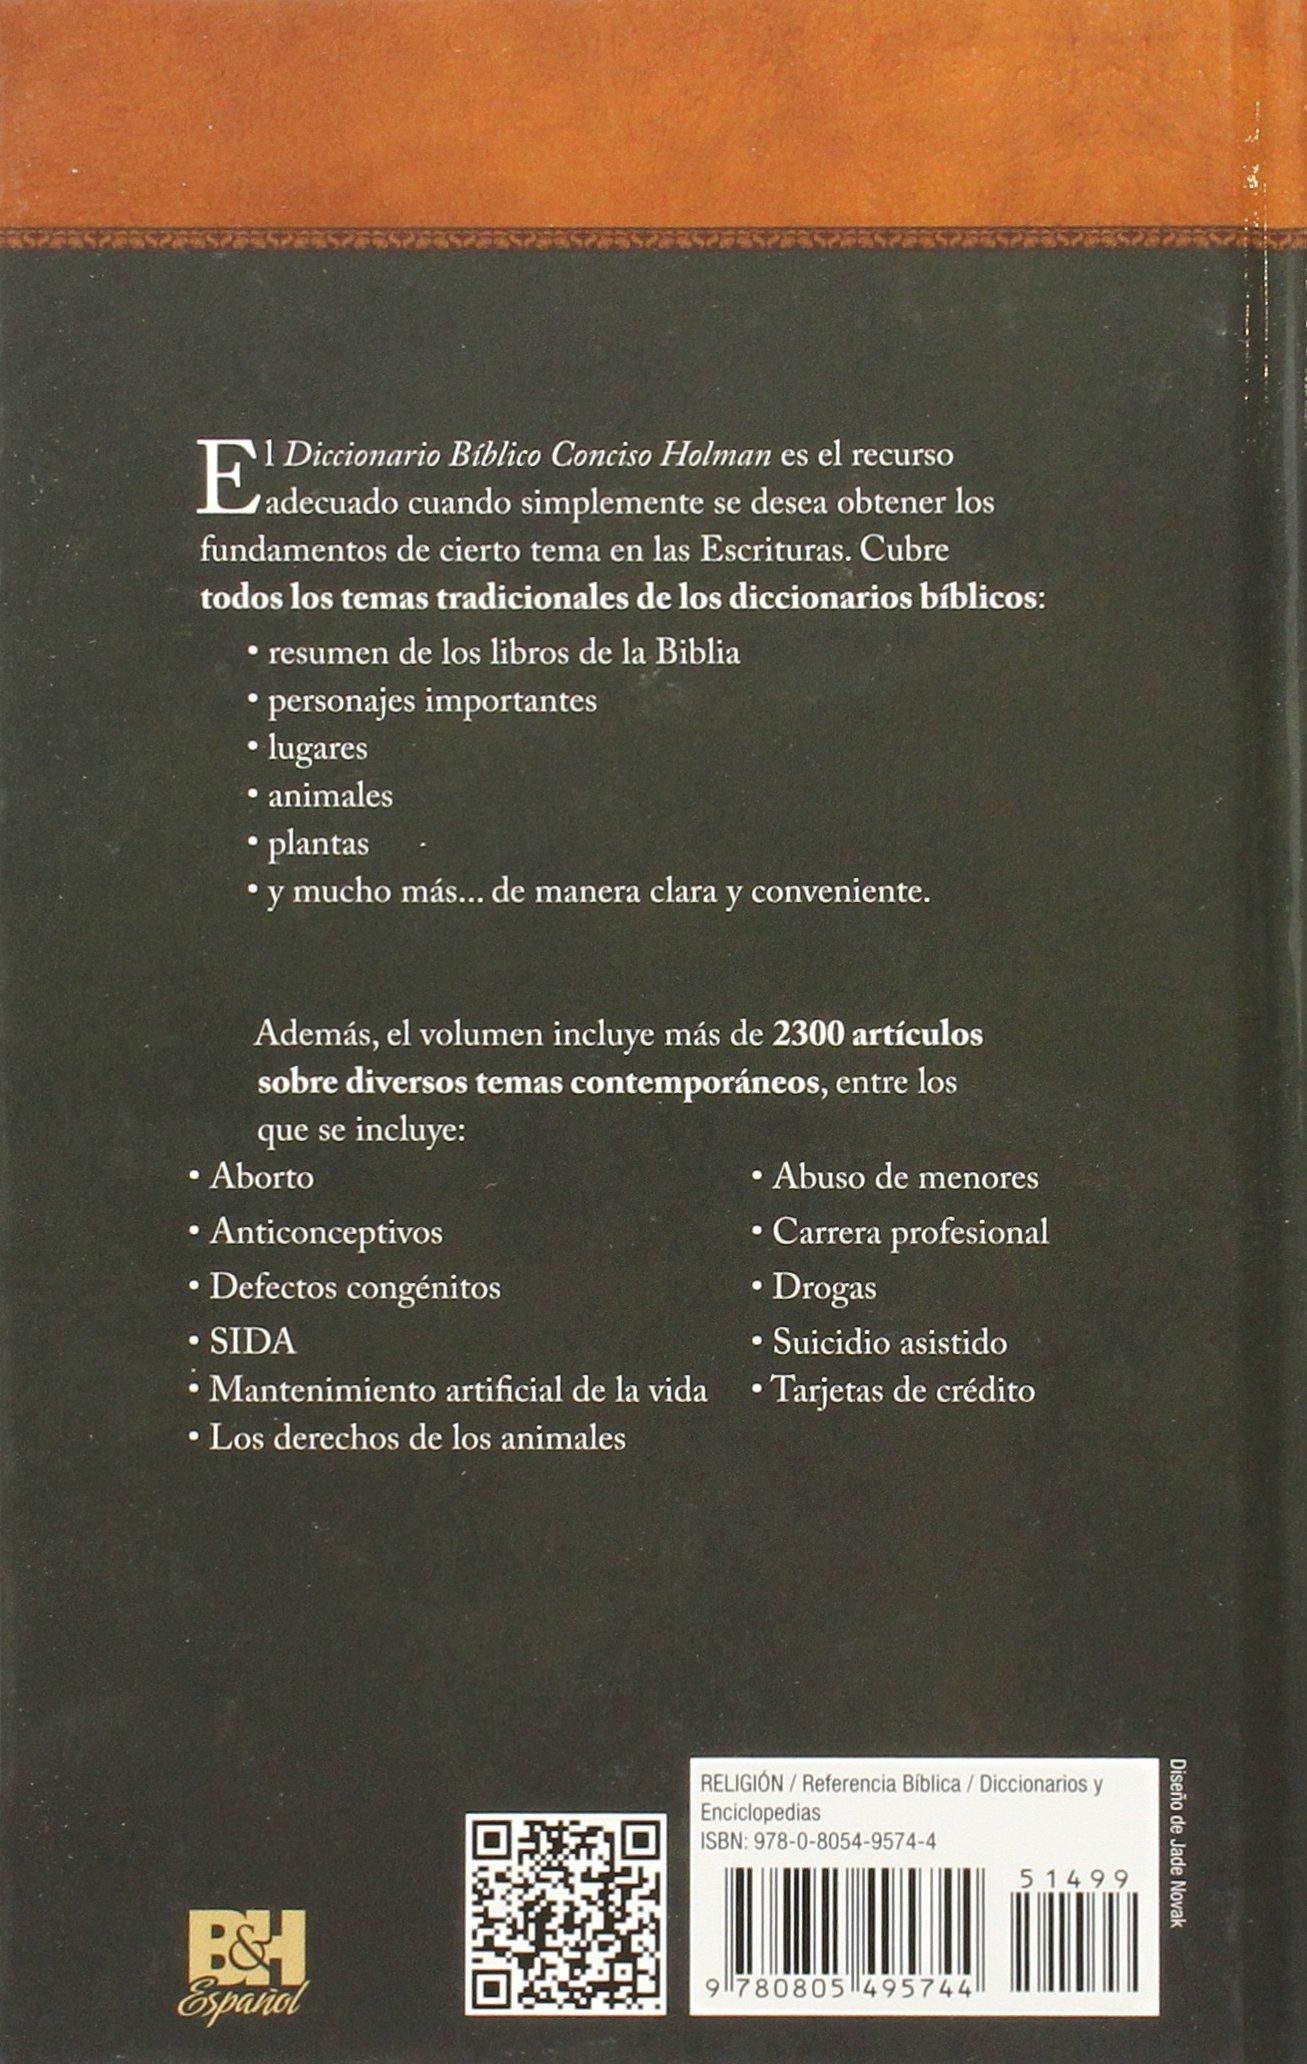 diccionario biblico conciso holman pdf